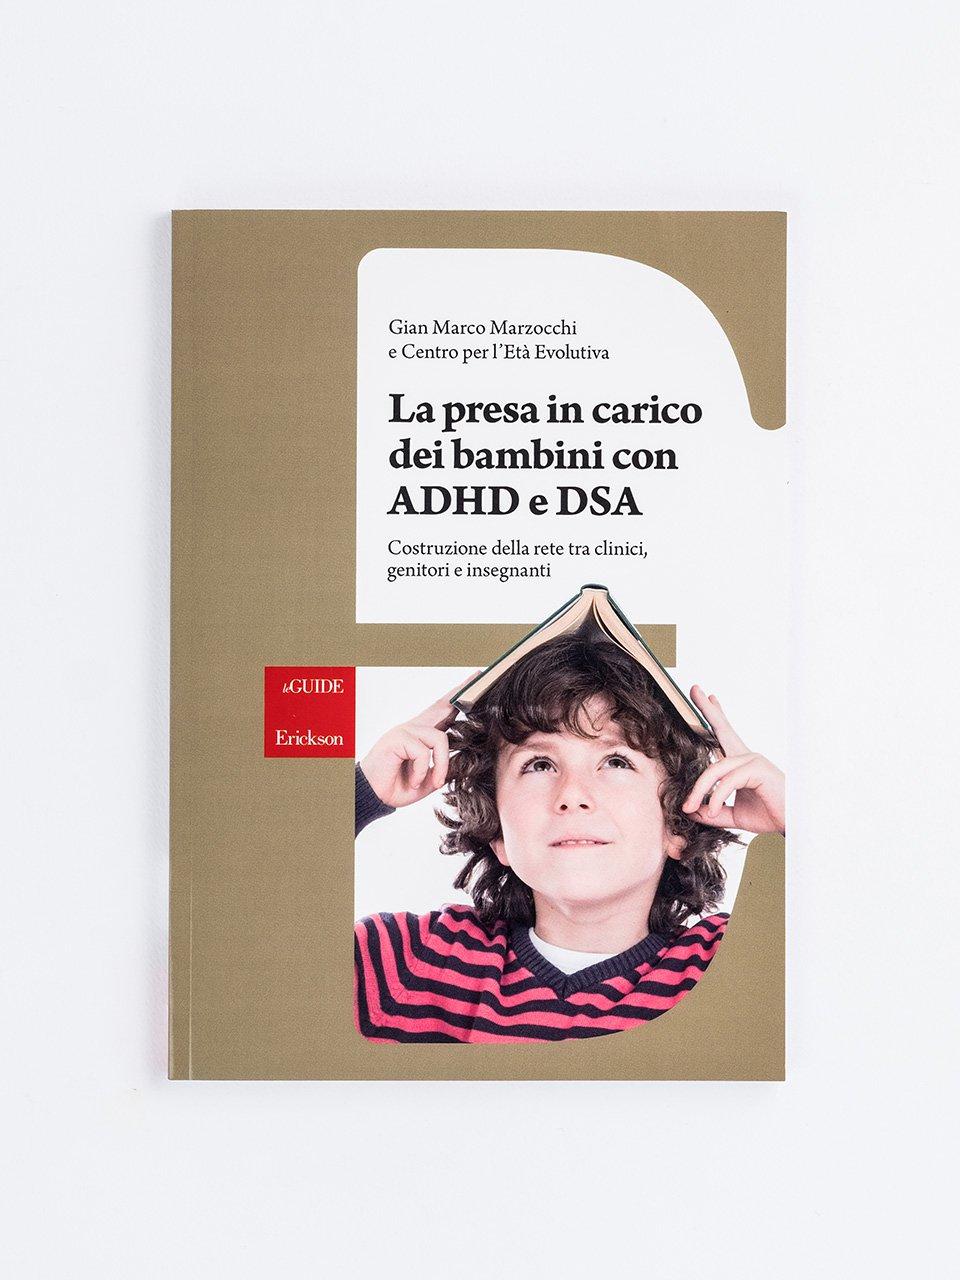 La presa in carico dei bambini con ADHD e DSA - Laboratorio di potenziamento dell'attenzione - Libri - App e software - Erickson